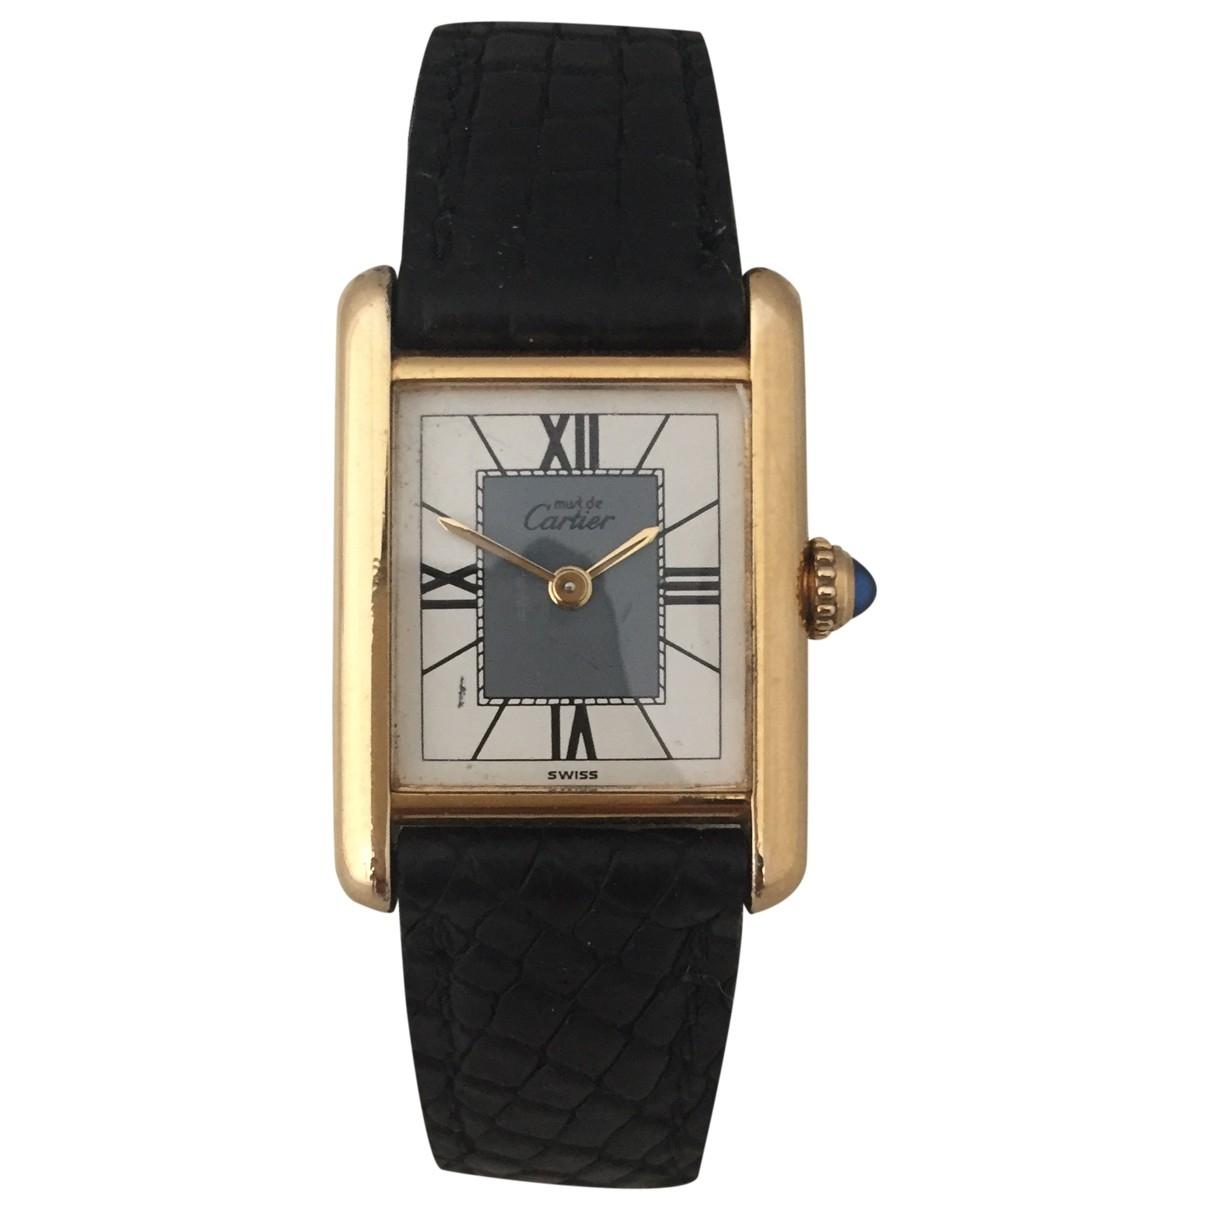 Reloj Tank Must de Bermellon Cartier